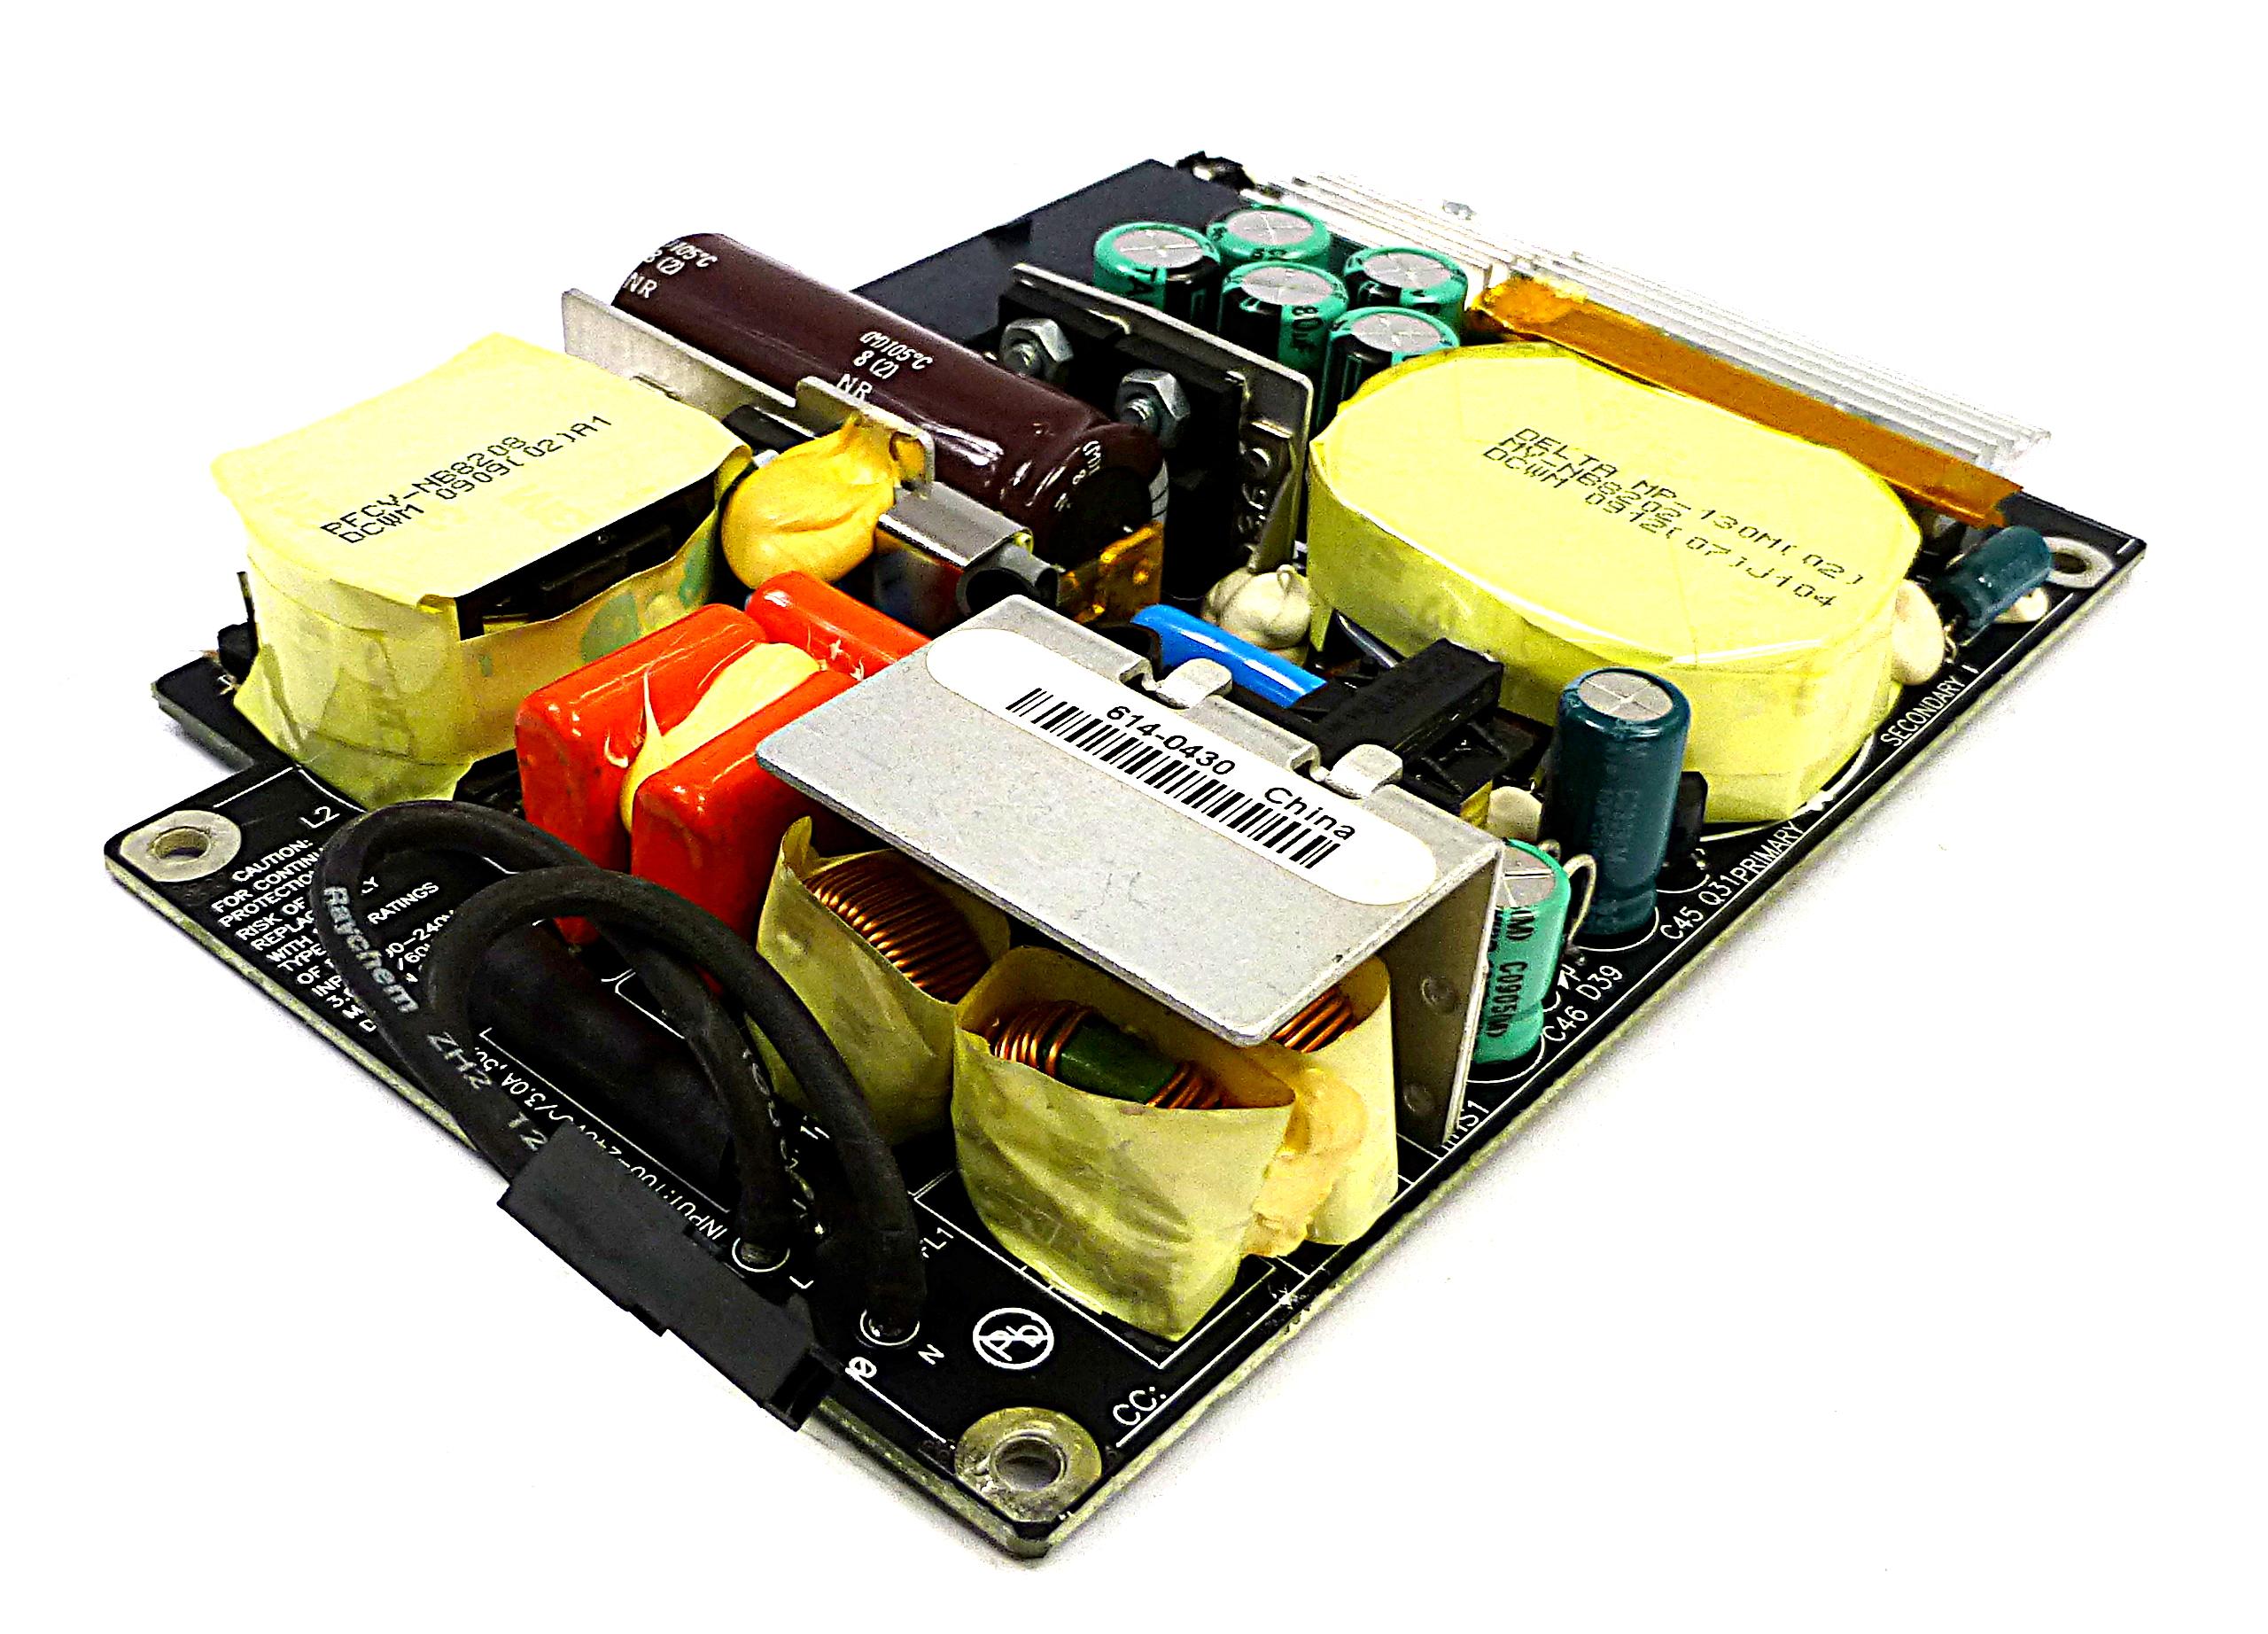 """614-0430 Apple Power Supply /f 20"""" iMac A1224 EMC:2133 - Delta ADP-170AF B 2009"""